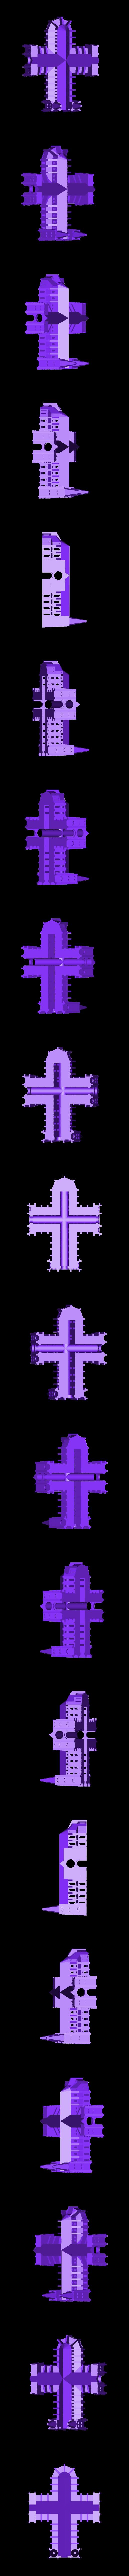 smallcathedralV2.stl Télécharger fichier STL gratuit Mini Cathédrale - Avec Ouvertures ! • Modèle imprimable en 3D, Jeyill3